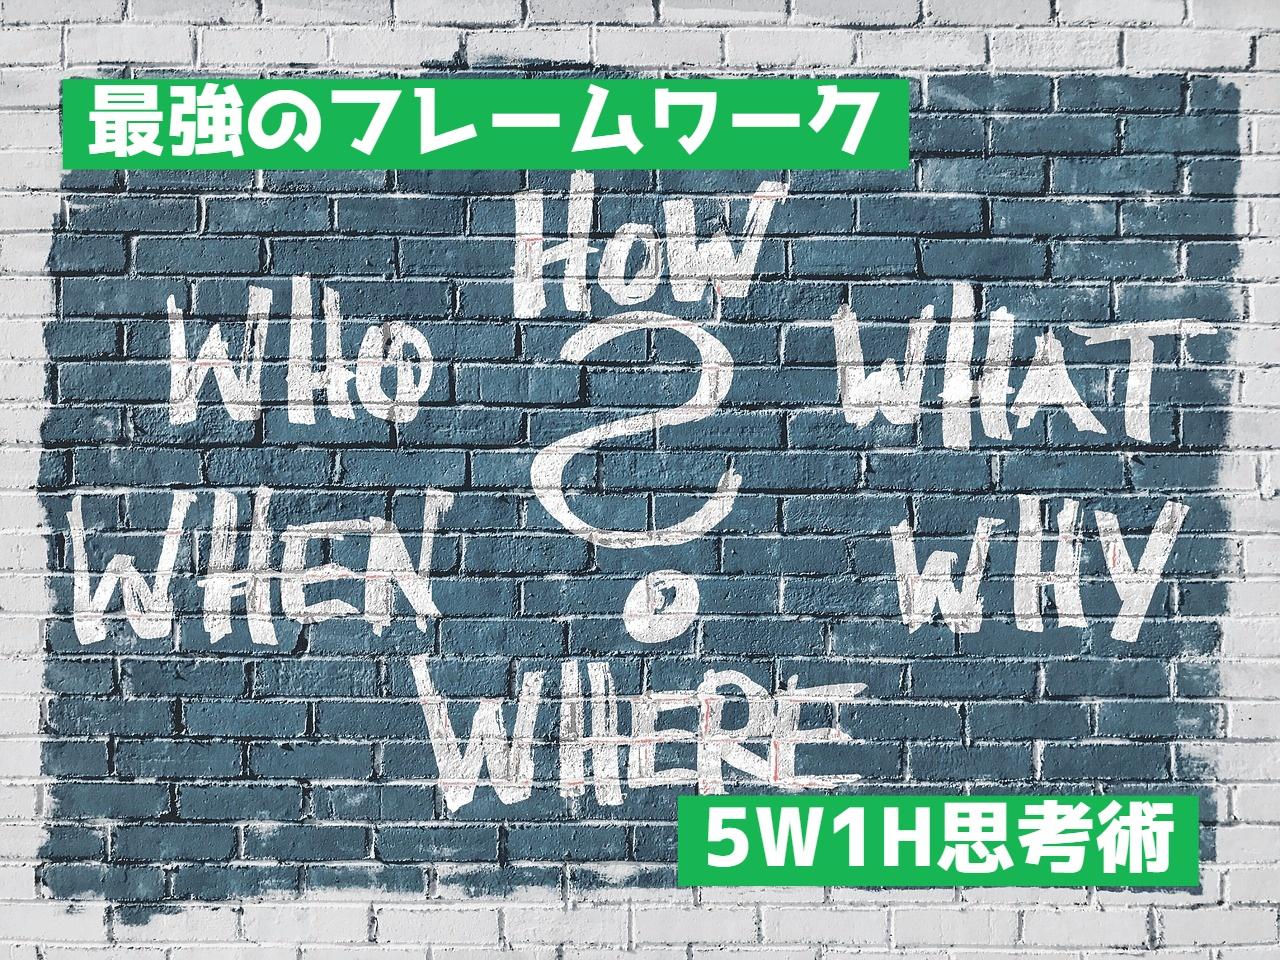 基本にして最強のフレームワーク【5W1H思考術】6W3Hとの違いは?